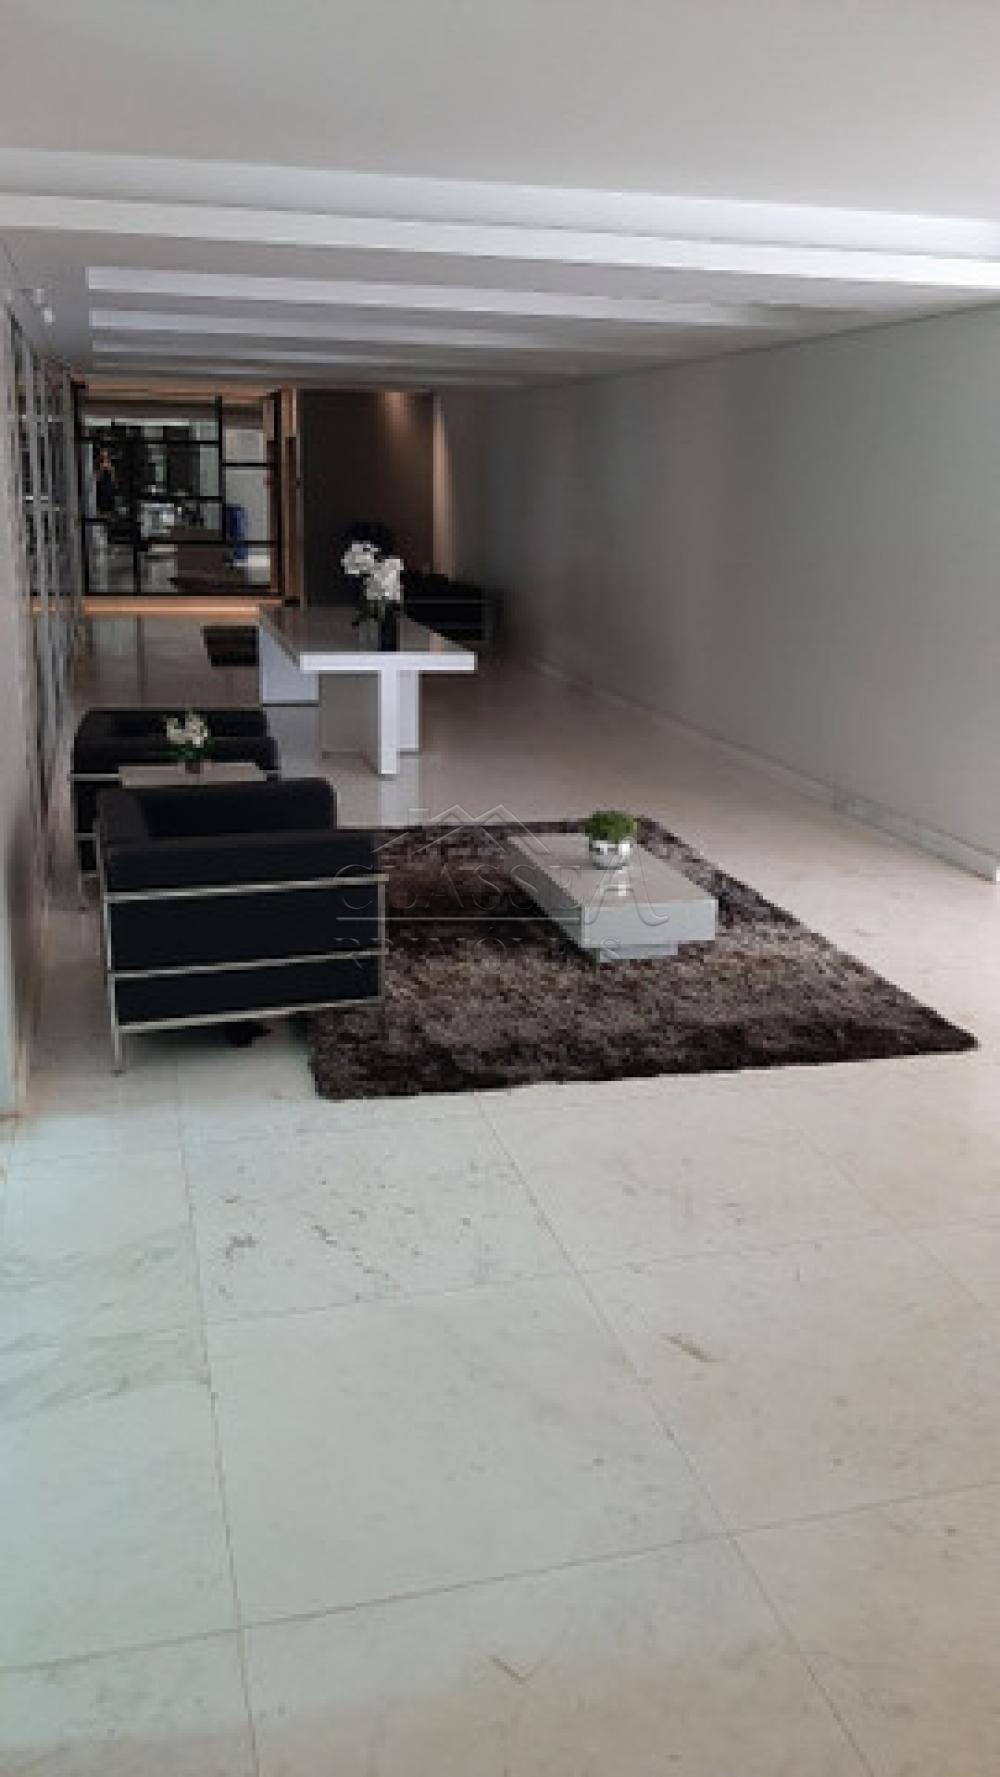 Comprar Apartamento / Padrão em Ribeirão Preto R$ 1.020.000,00 - Foto 20